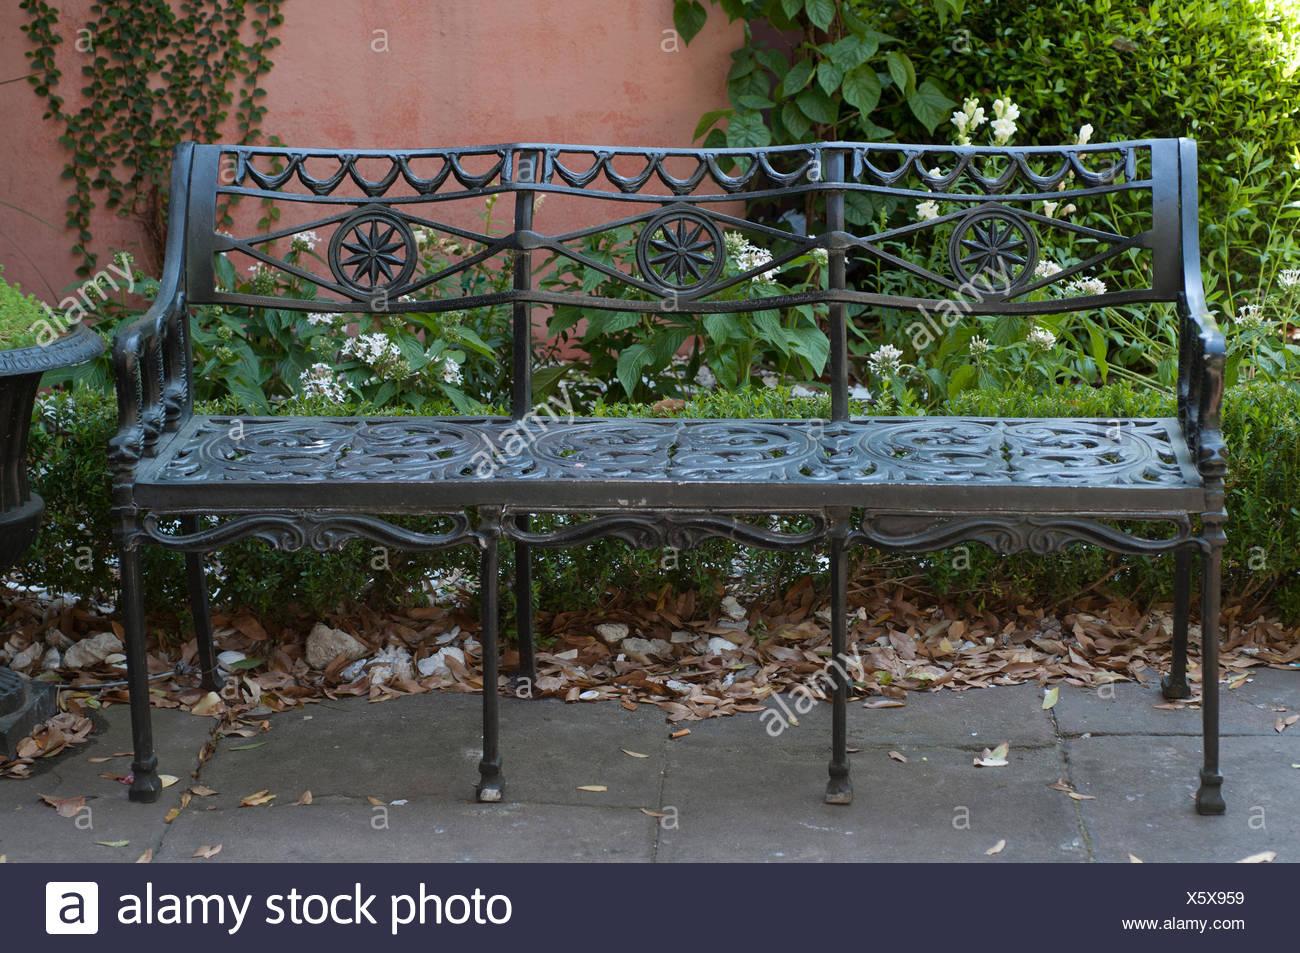 Panchine Da Giardino In Ghisa : Panchine da giardino in ghisa panchina legno arredamento mobili e